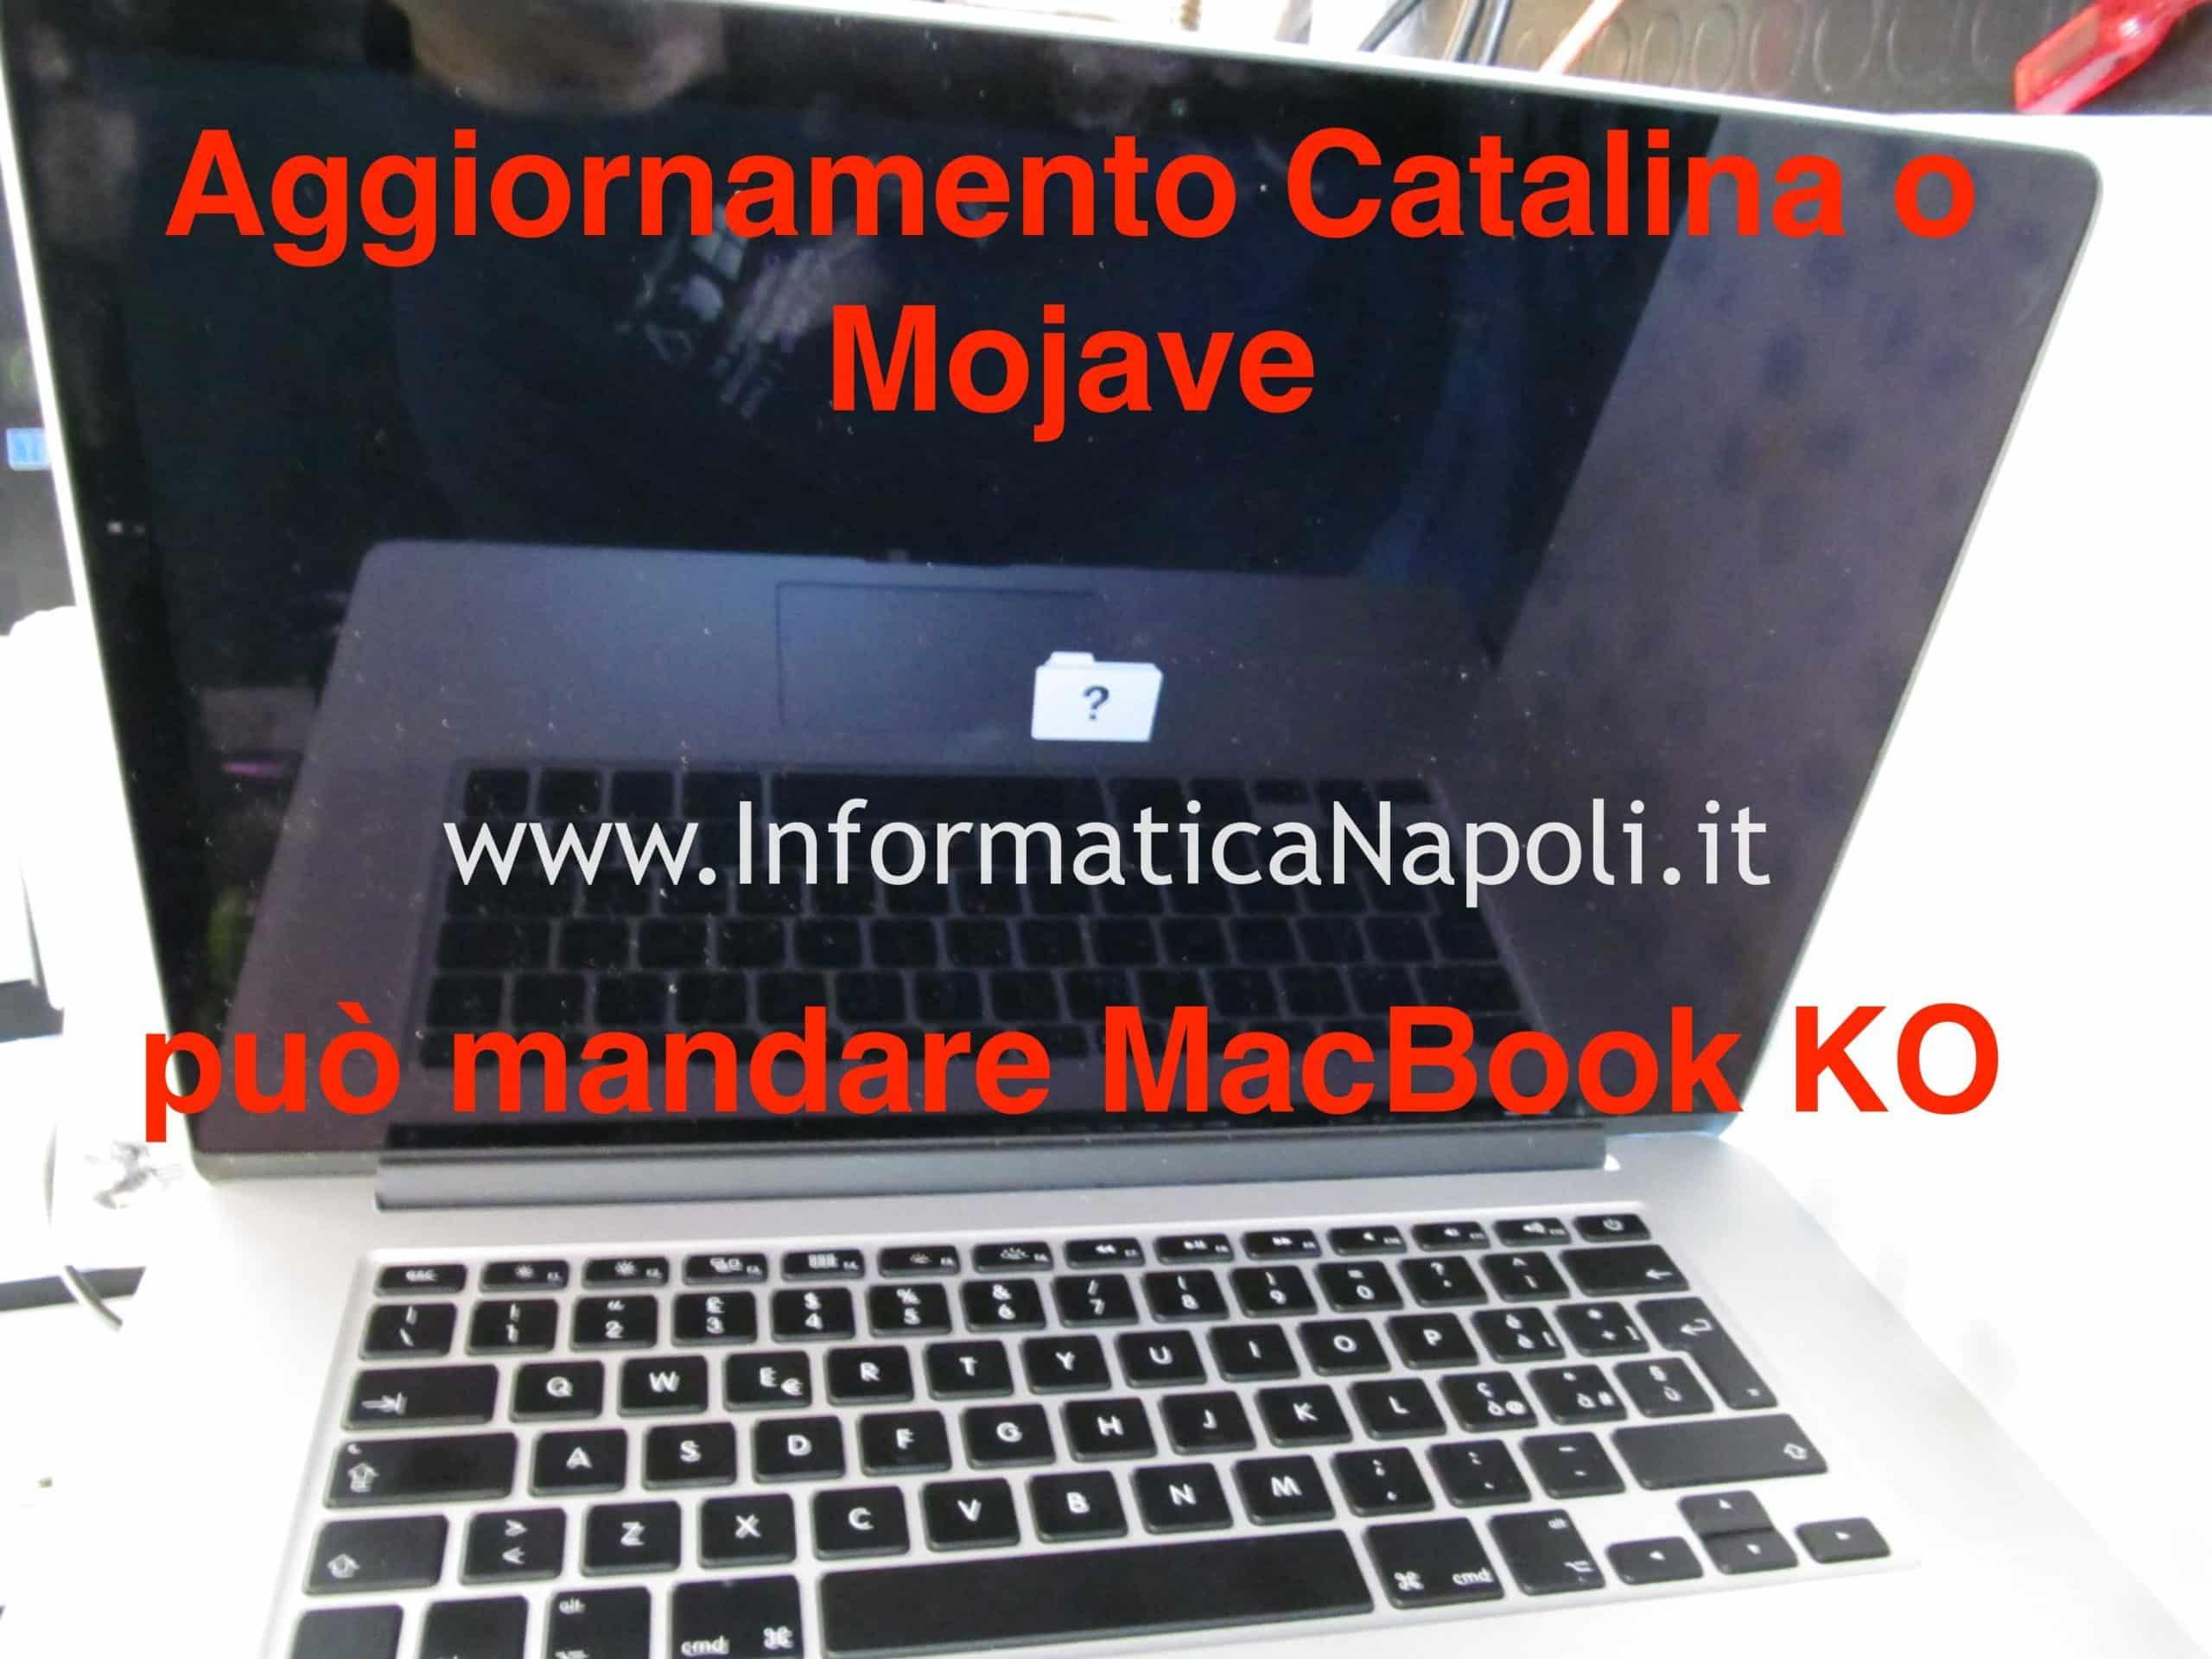 macbook pro 15 A1398 con problemi di aggiornamento mojave catalina funzionante riparato